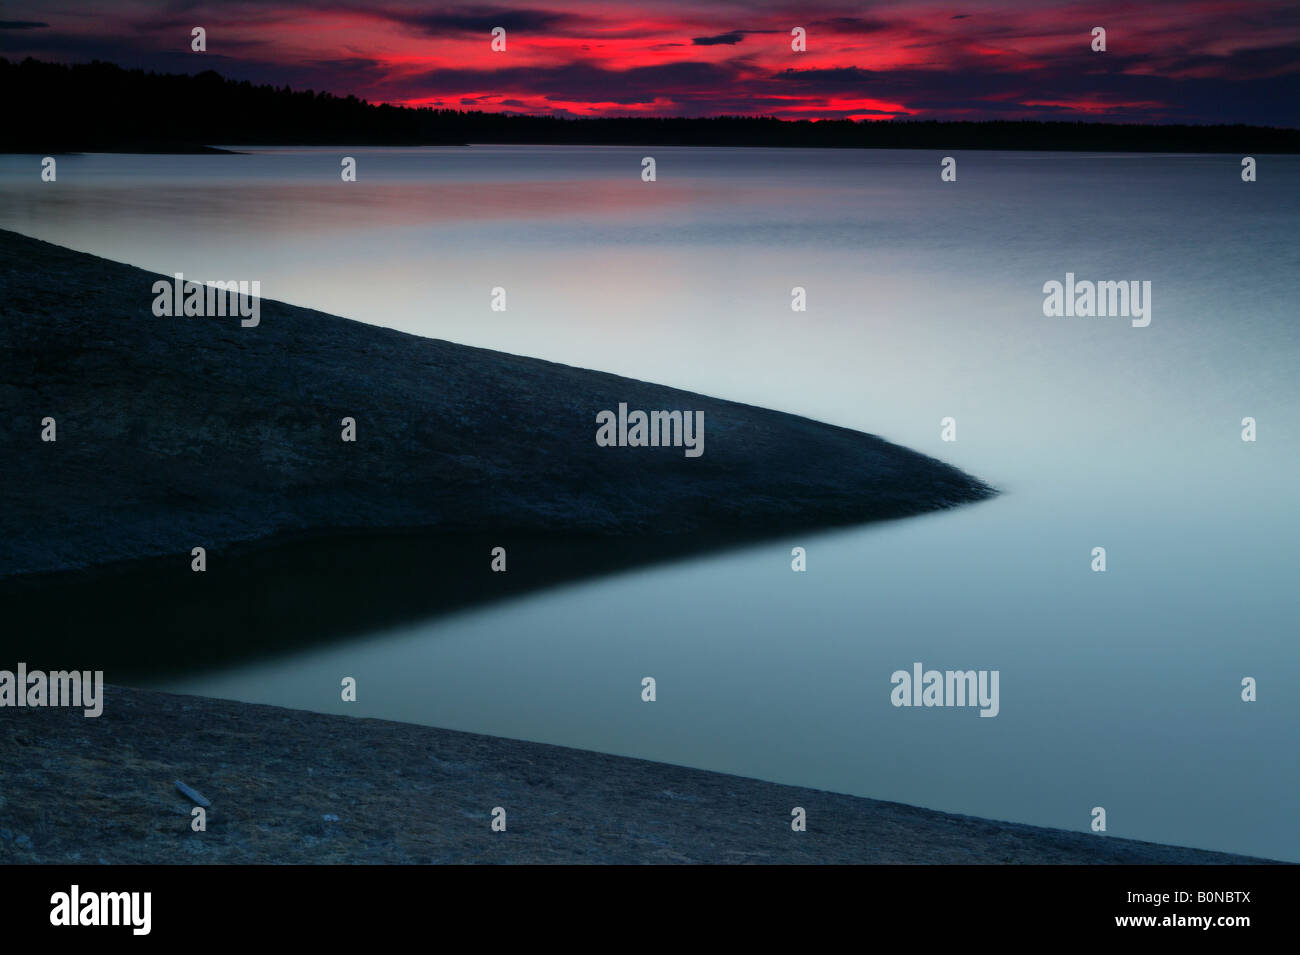 Frühjahr Sonnenuntergang auf der Insel im See Østenrødøya Råde Vansjø, Kommune, Østfold Stockbild